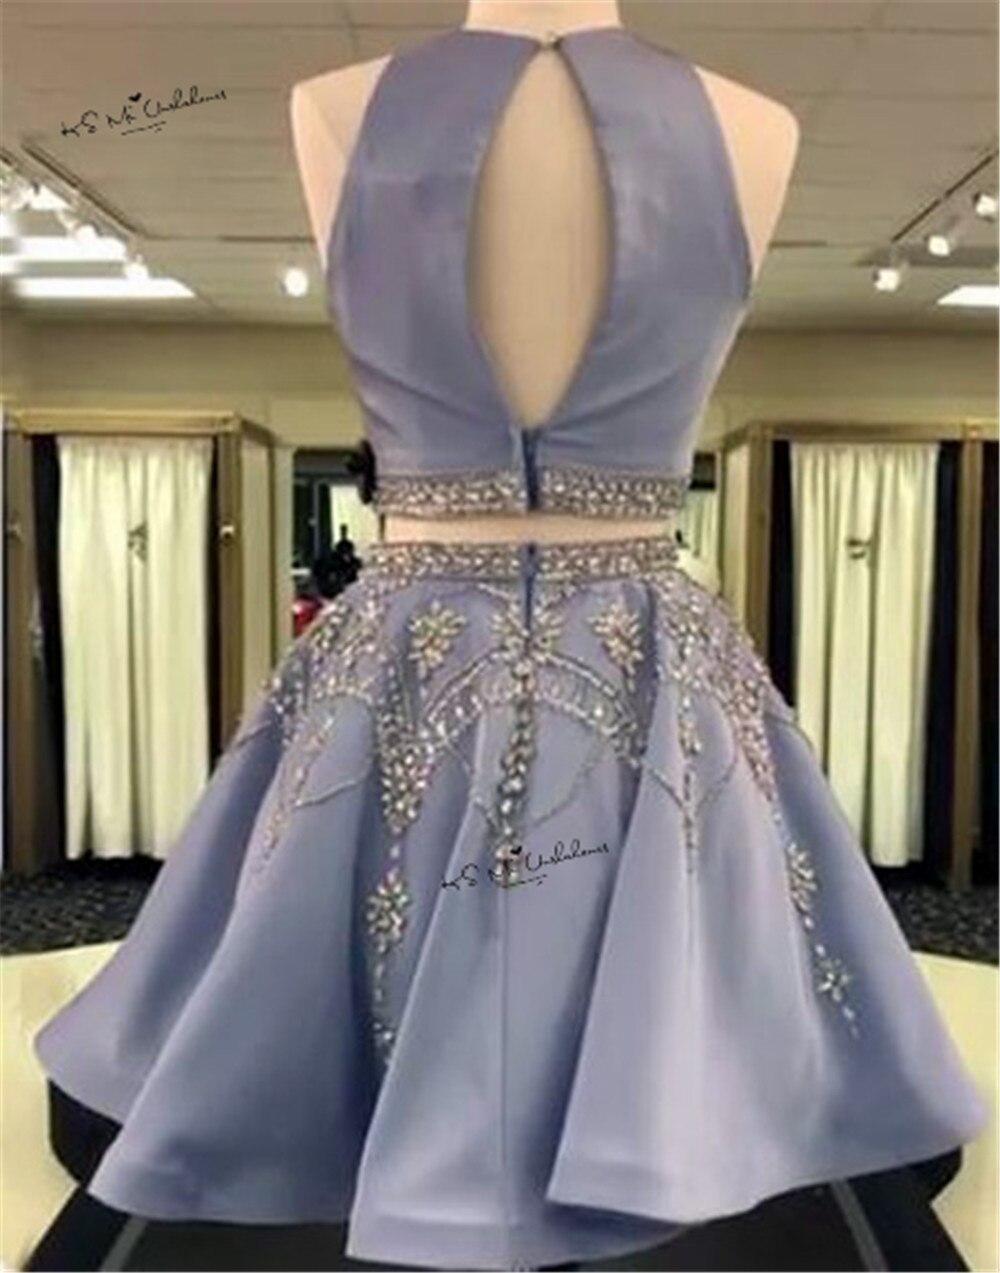 Modeste bleu deux pièces robes de bal 2017 cristaux perles courtes robes de soirée robes de soirée Vestidos de Baile Curto retour robe Gala - 2